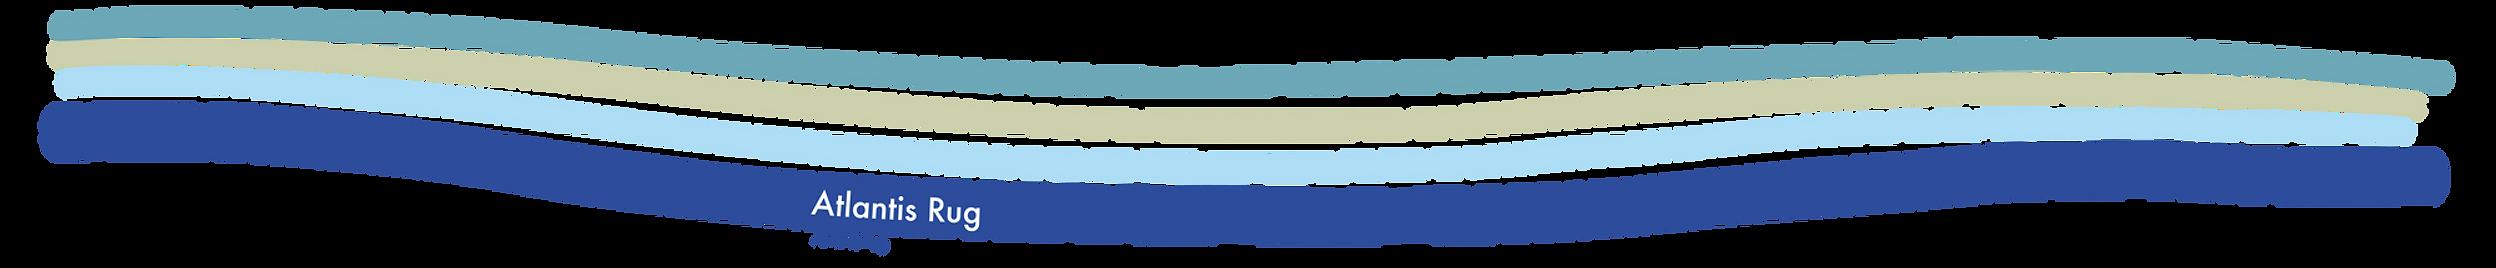 Graphisme lignes-Atlantis Rug-01.png